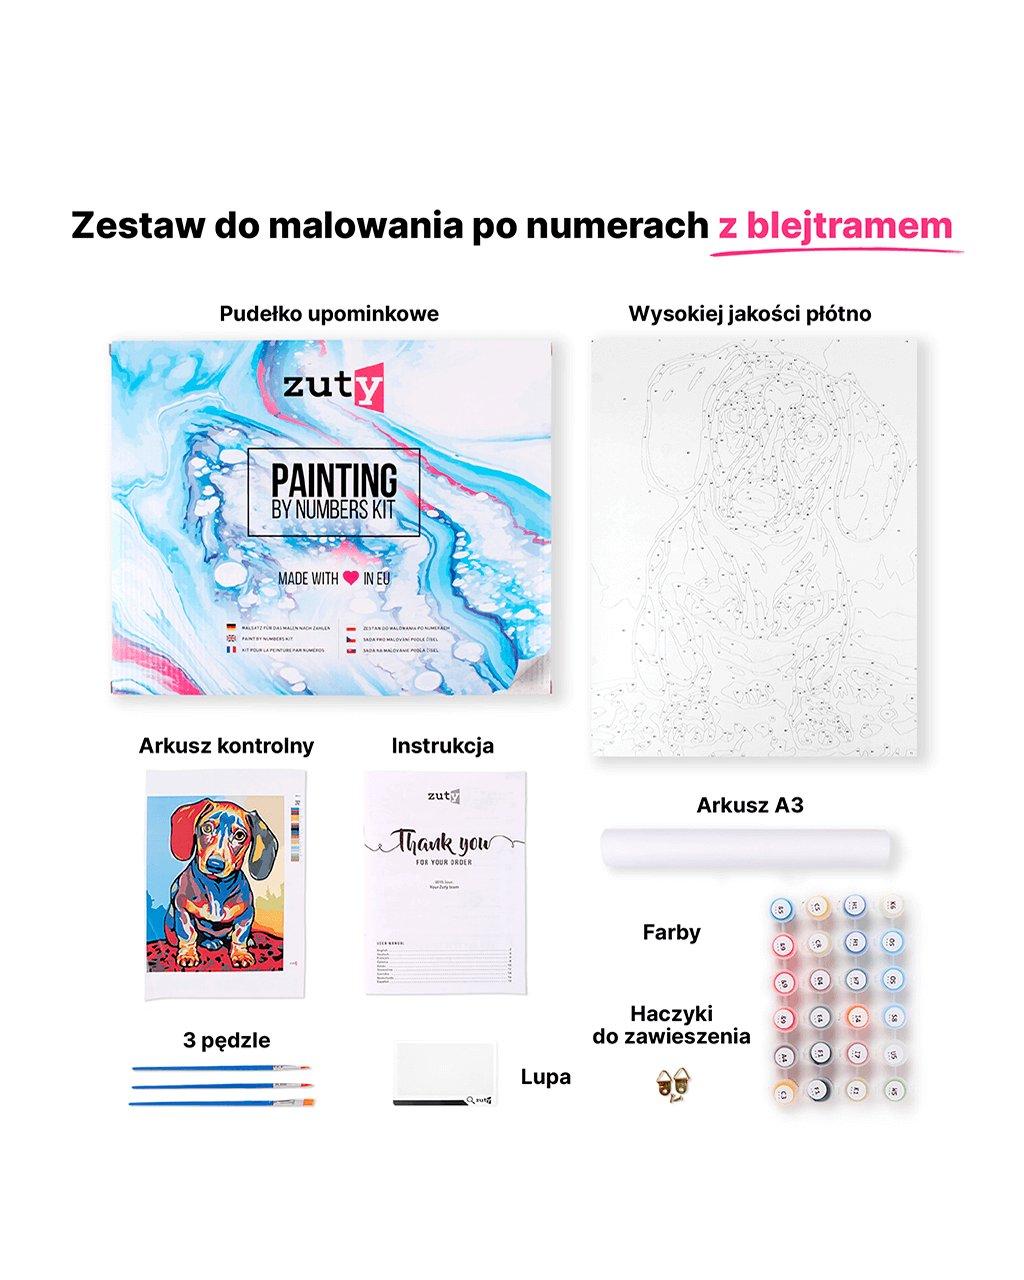 Malowanie po numerach – Taniec pod latarnia na moście